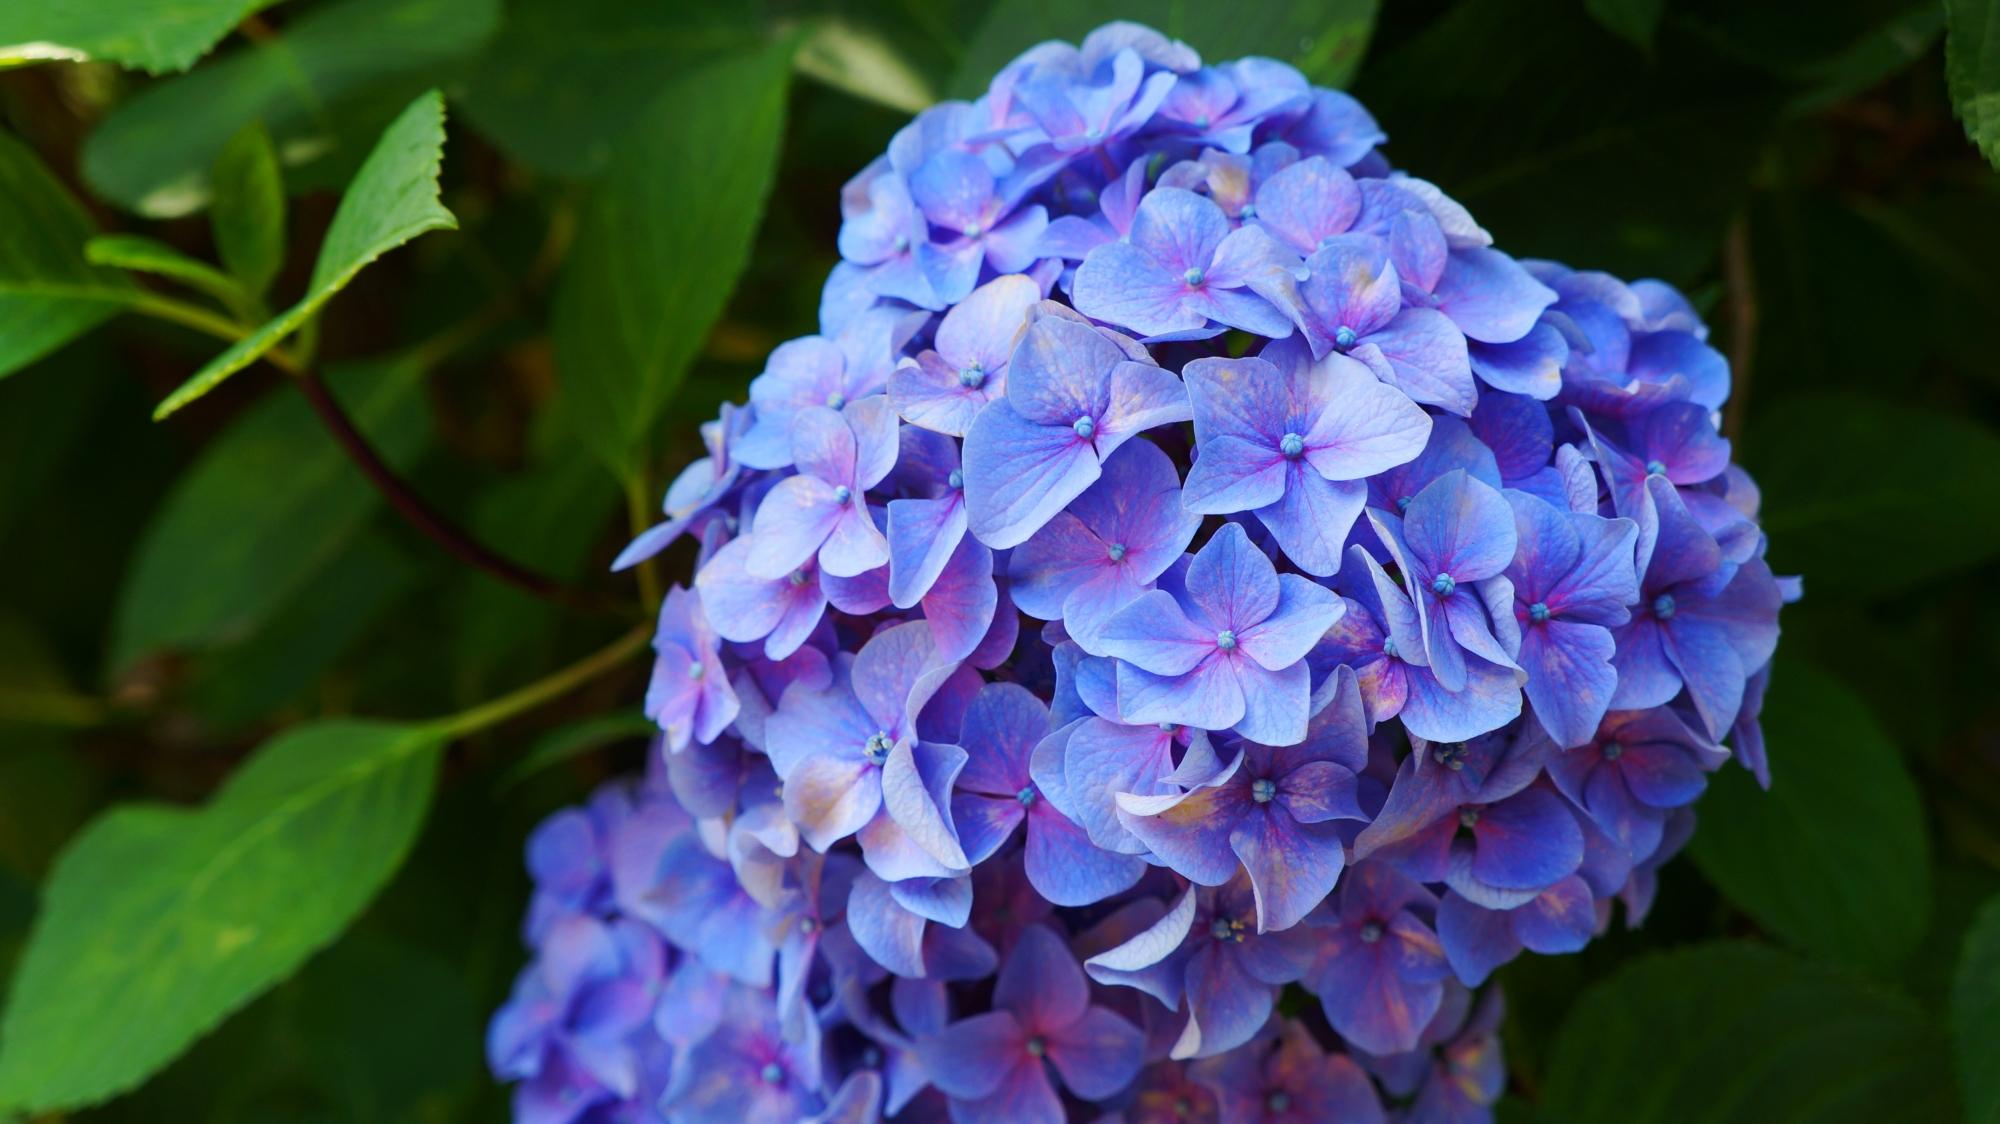 法金剛院の艶やかなやや紫の入った青い紫陽花